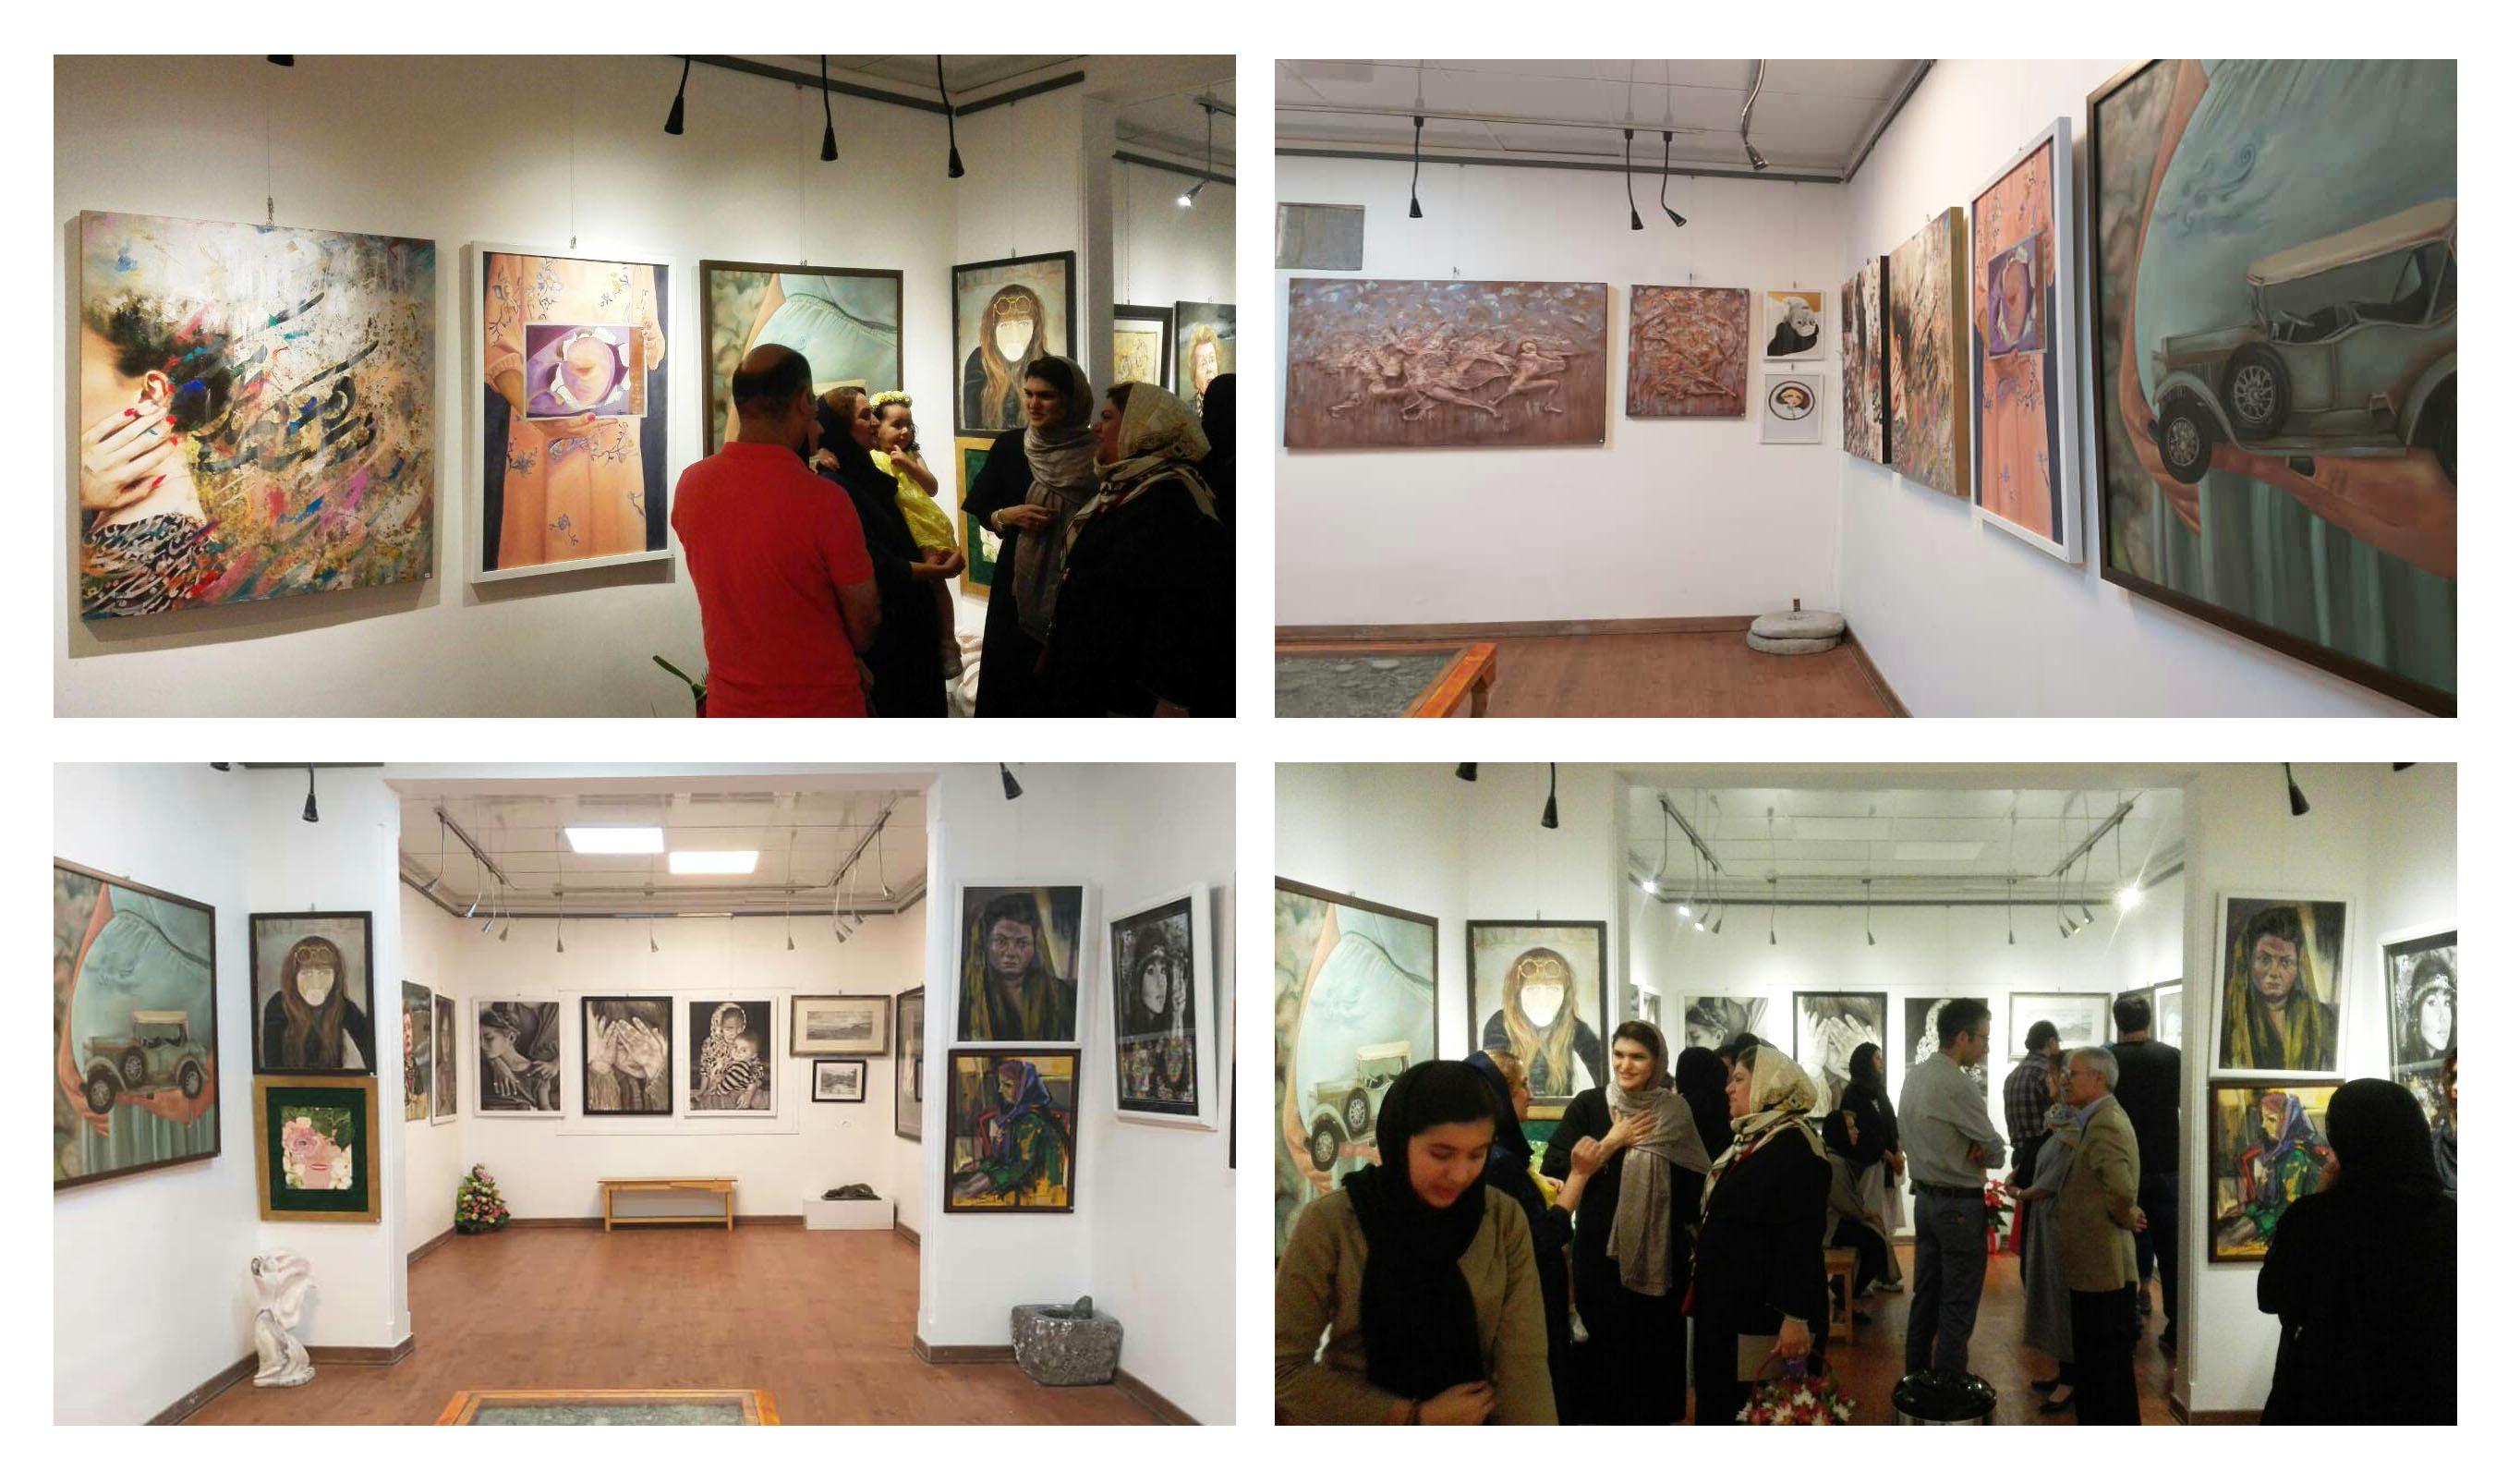 گزارش تصویری نمایشگاه سلف پرتره در گالری شیث